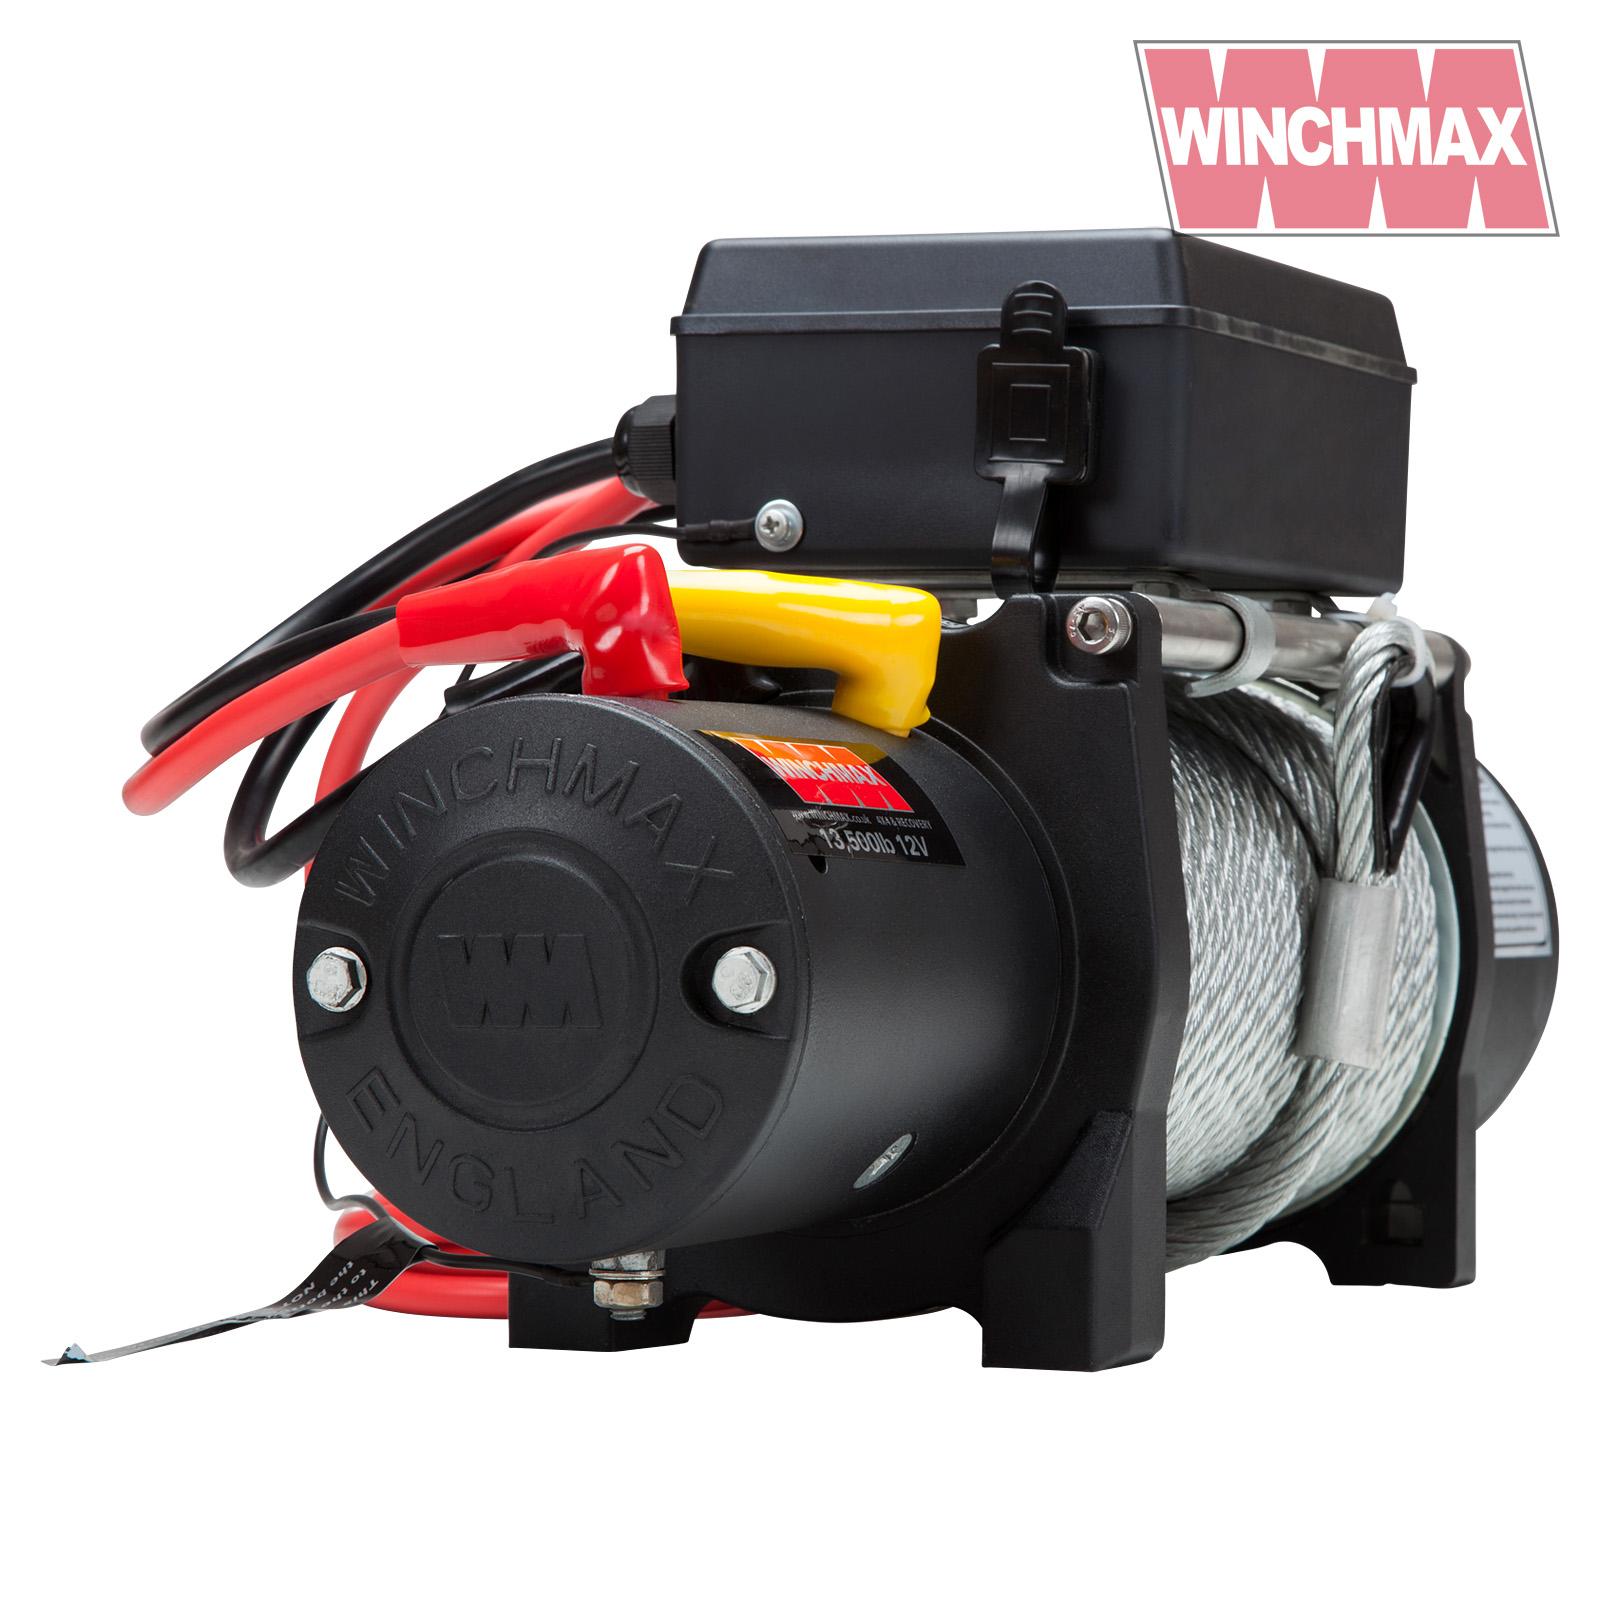 Wm1300012vmil winchmax 195